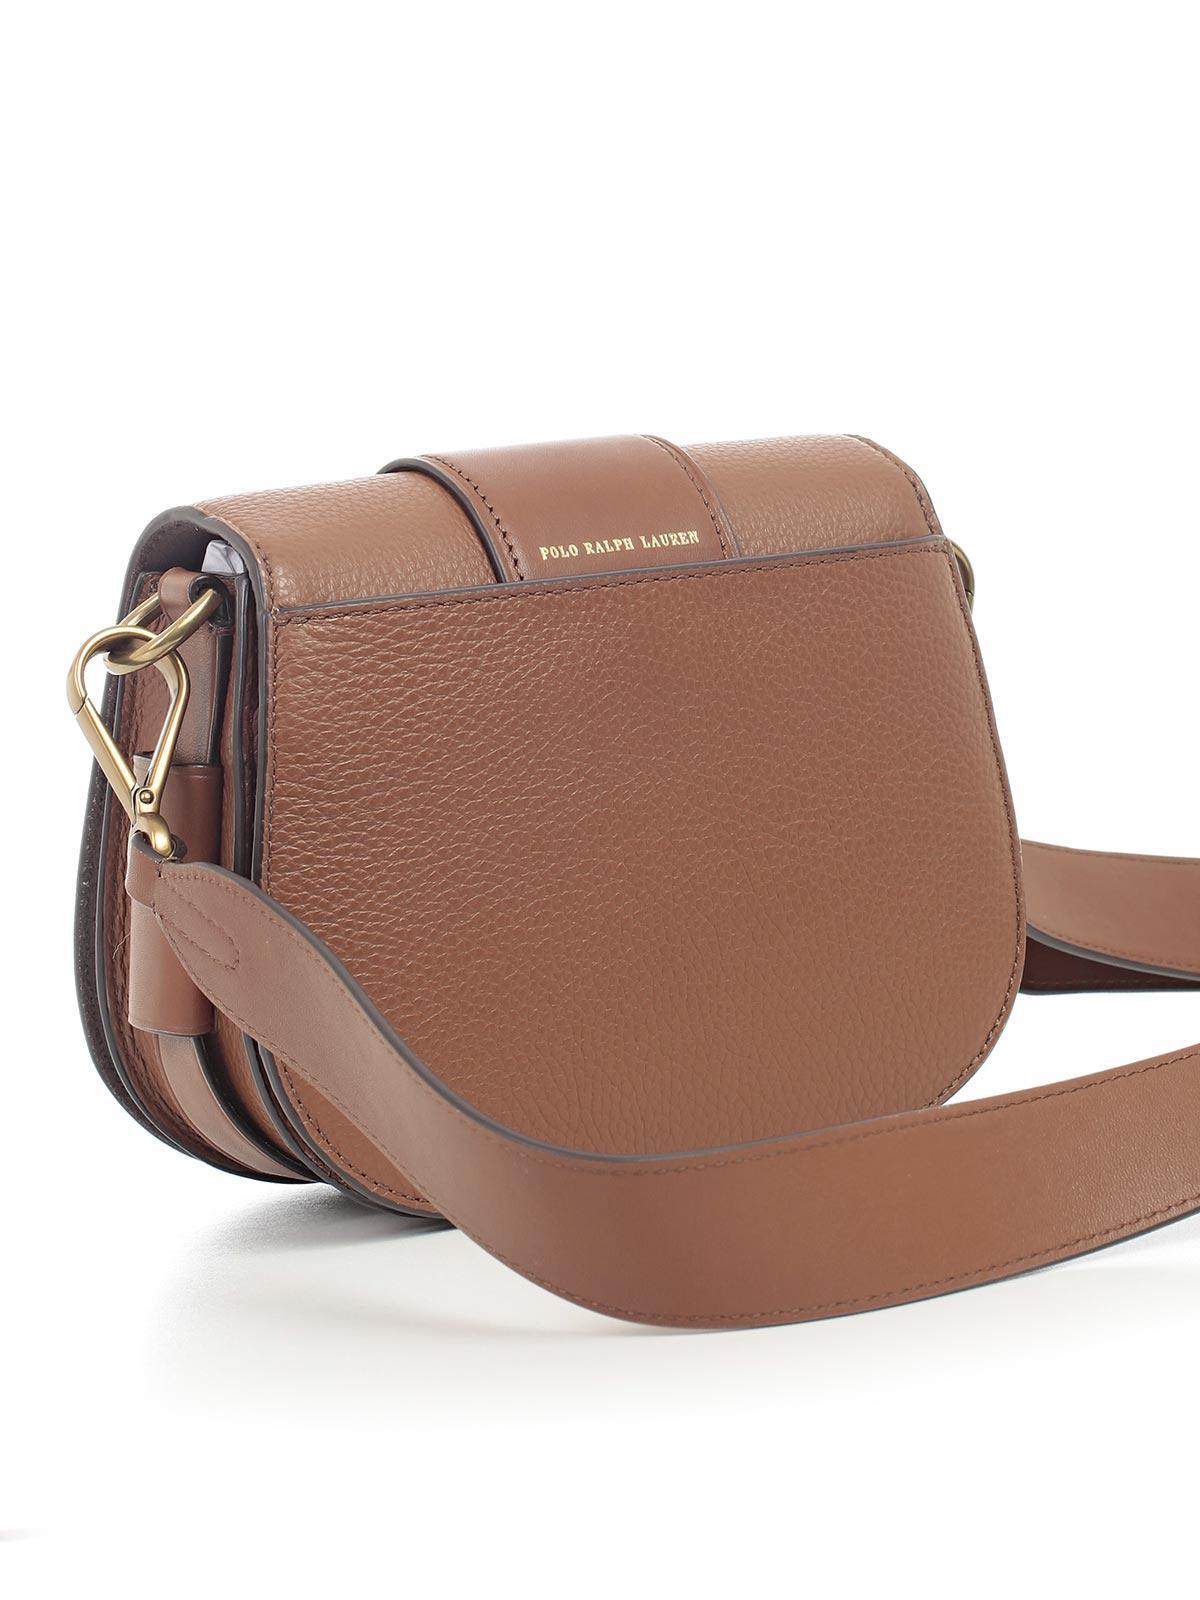 699f68767c ... best price polo ralph lauren borsa tracolla pelle fibbia tonda in brown  lyst 1809f 30adf